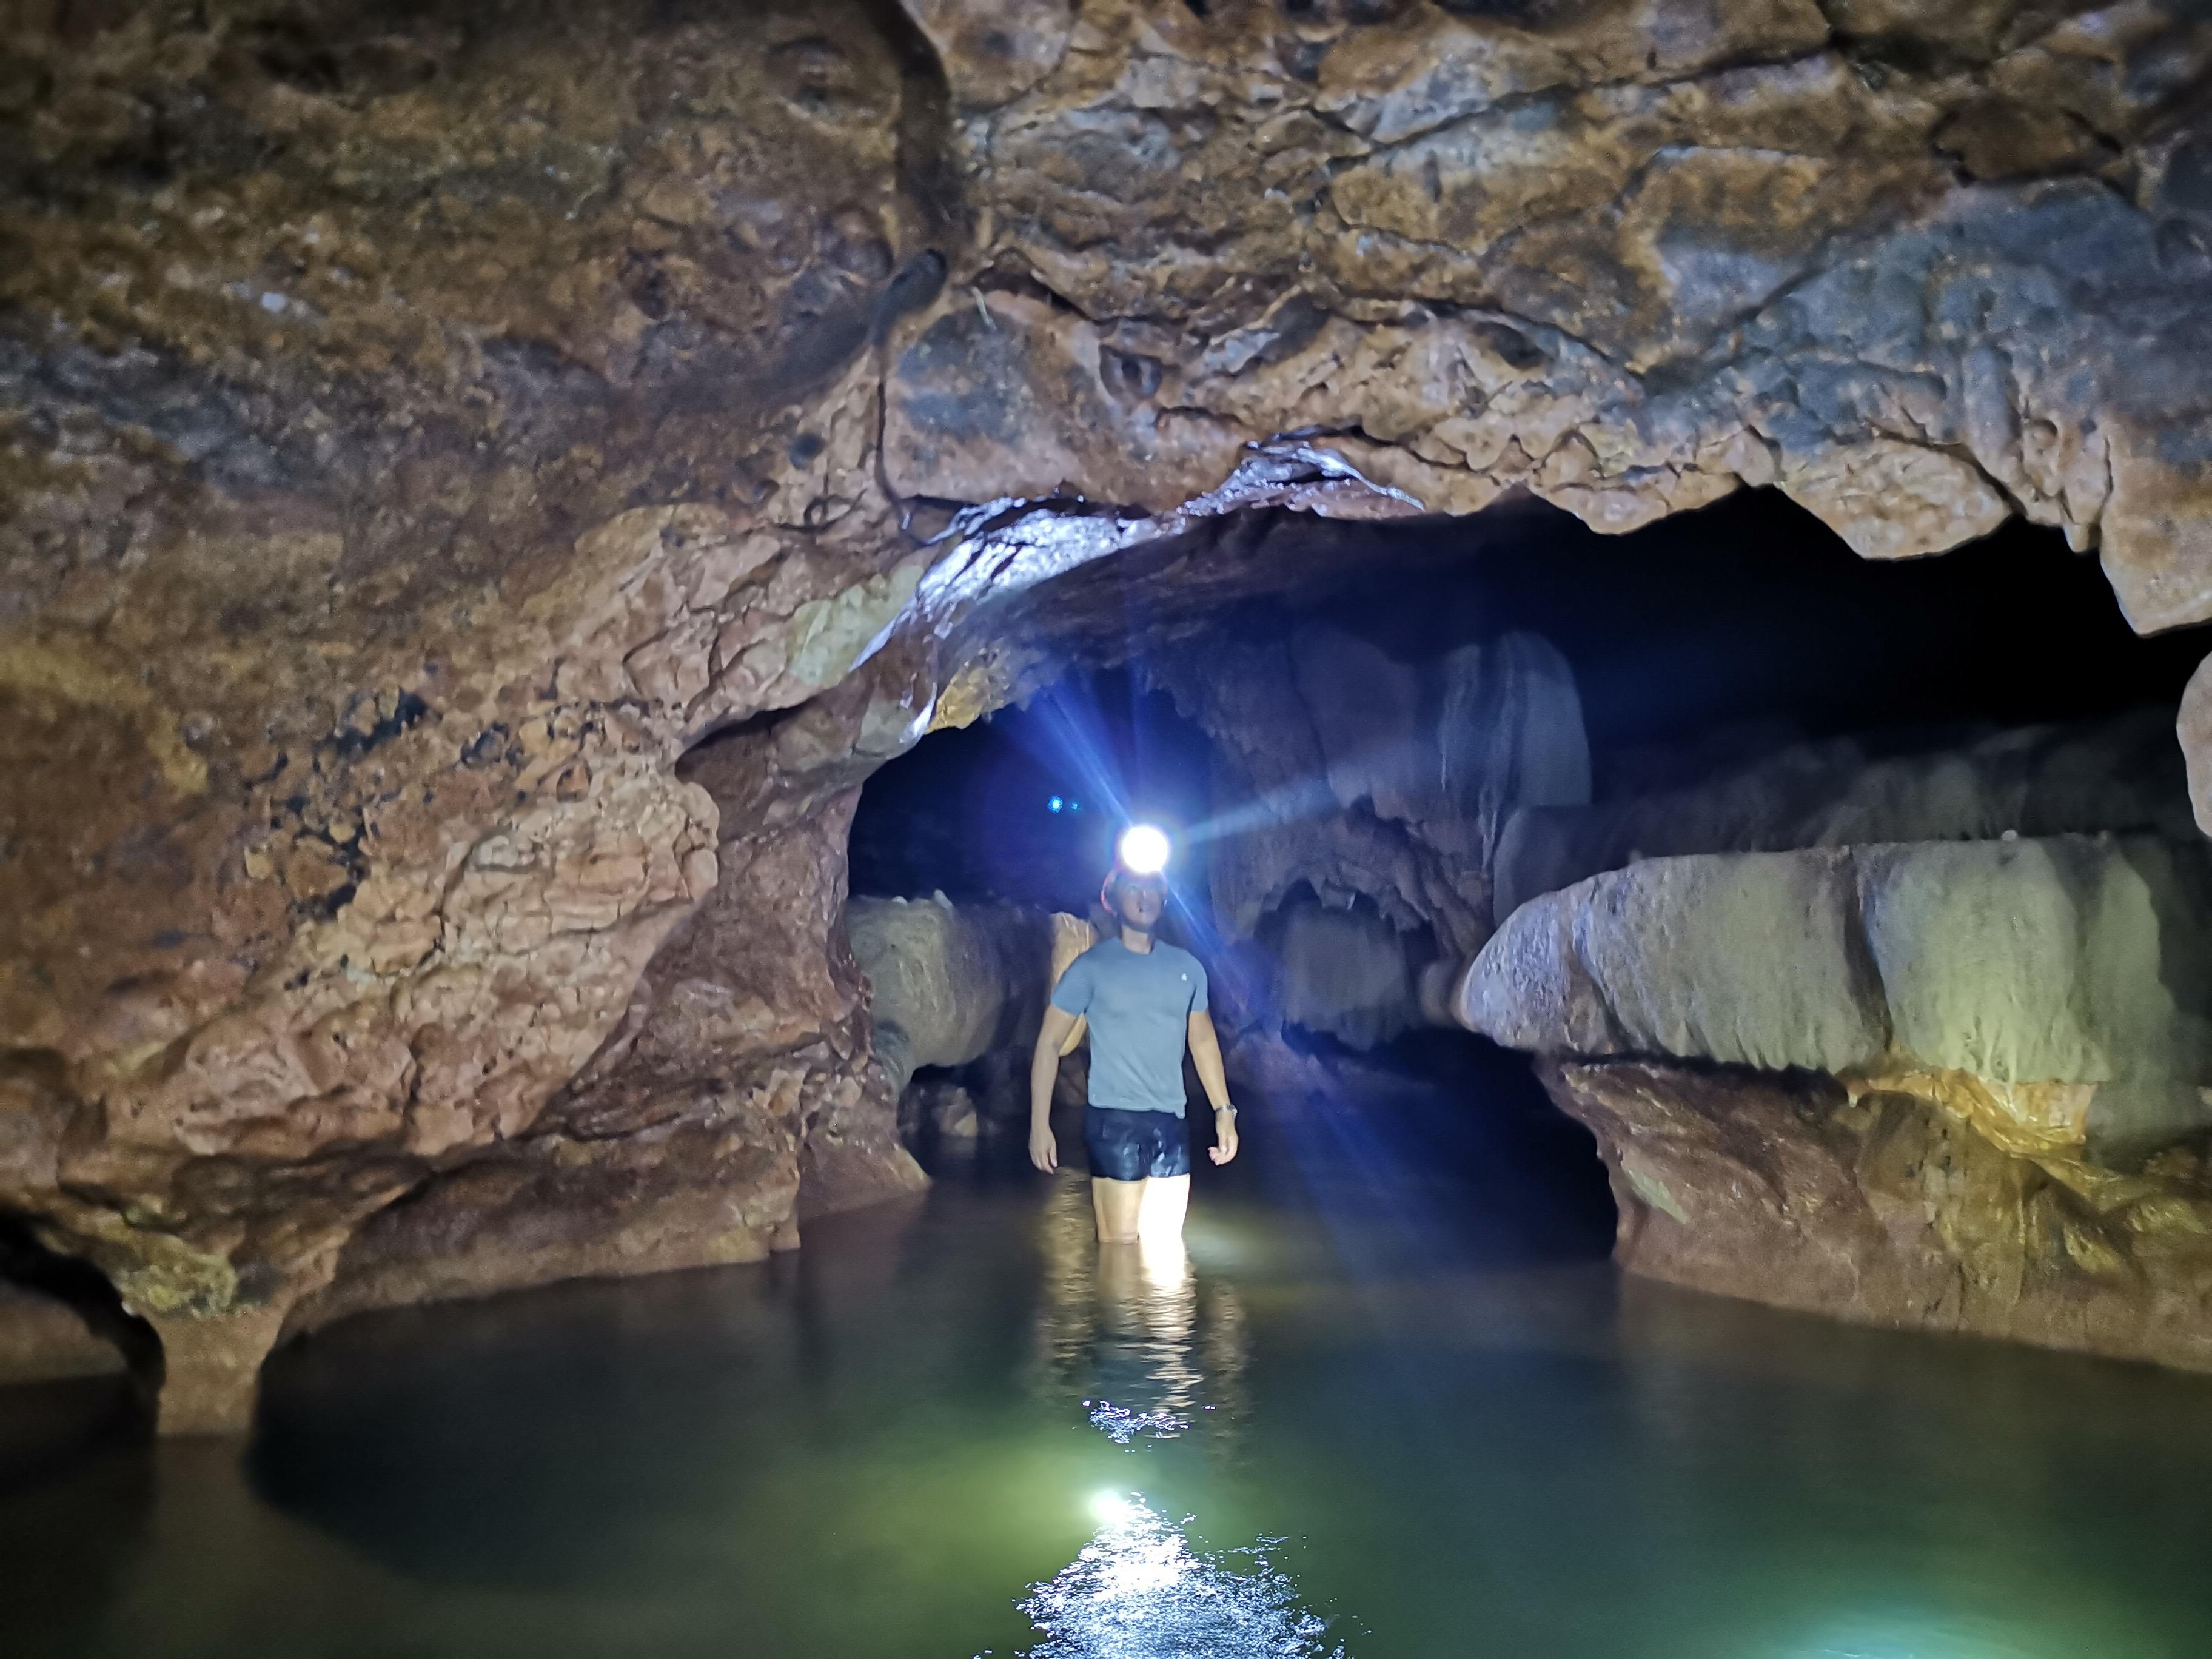 bagumbungan-cave-marinduque